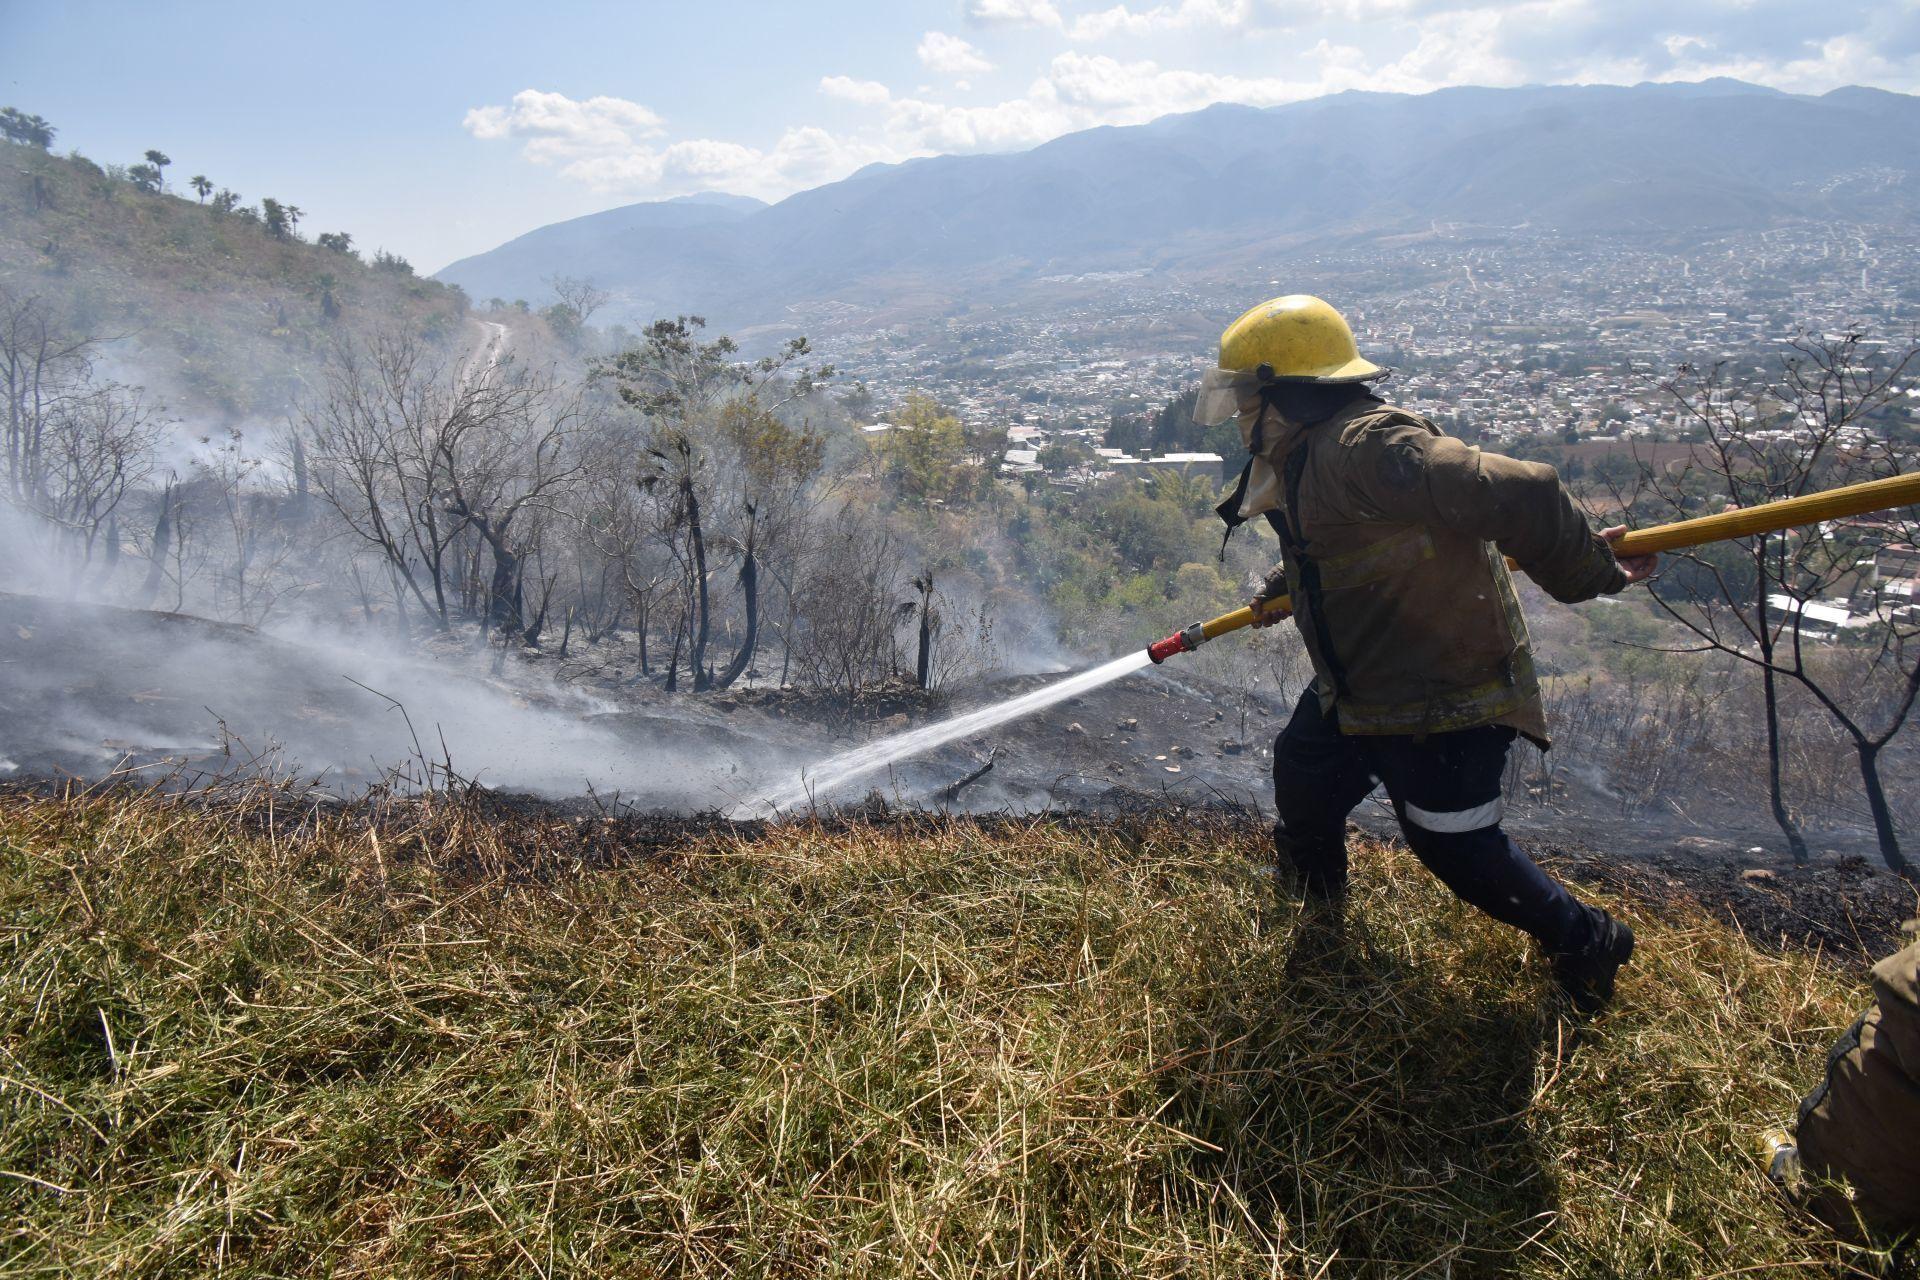 Comisión Nacional Forestal honra a combatientes de incendios